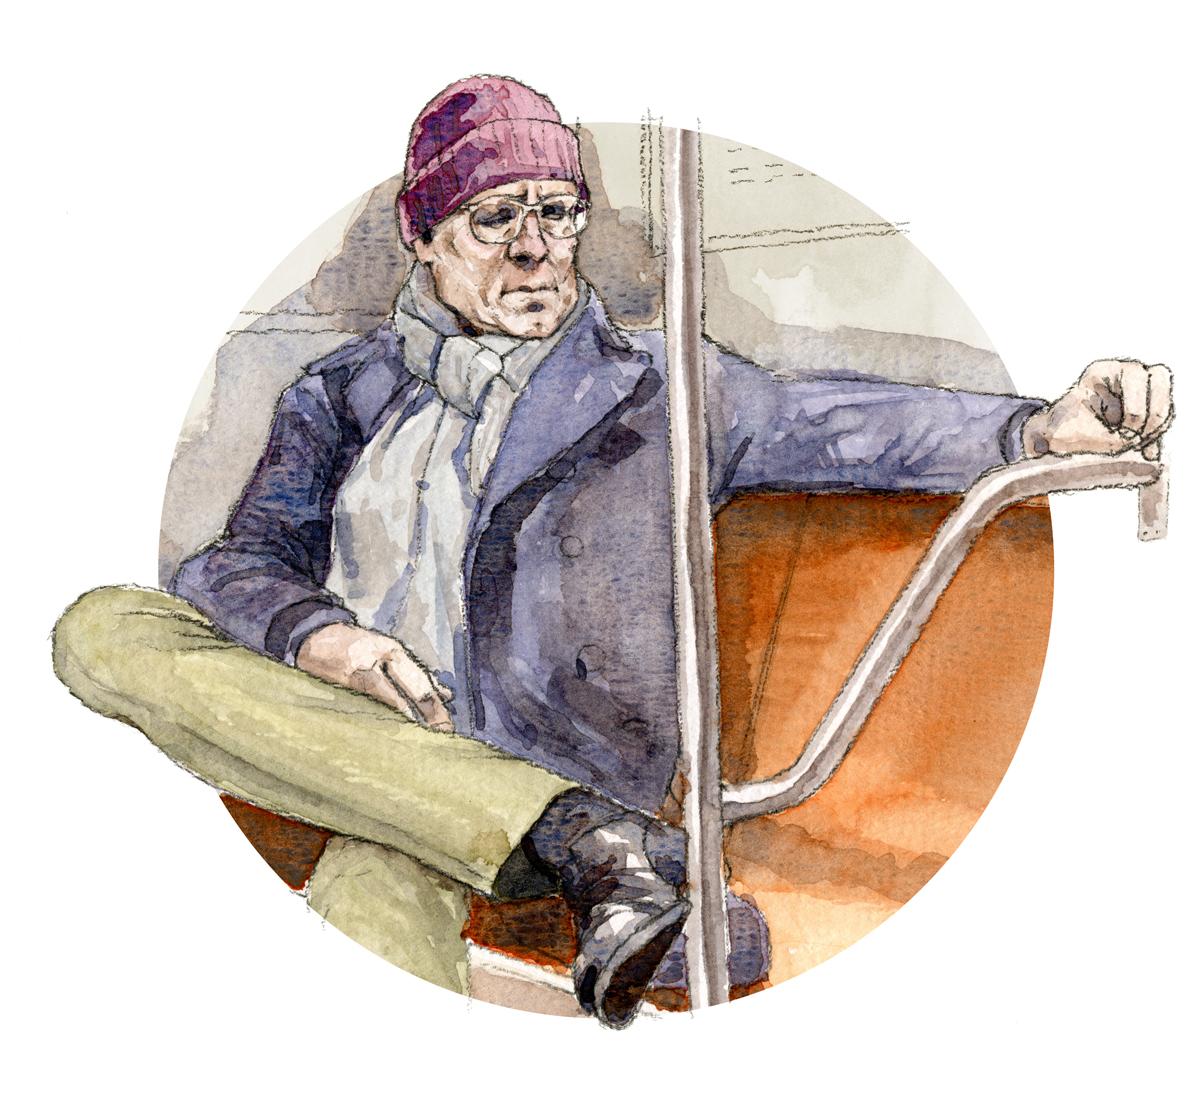 Watercolor Image 01 - Watercolor